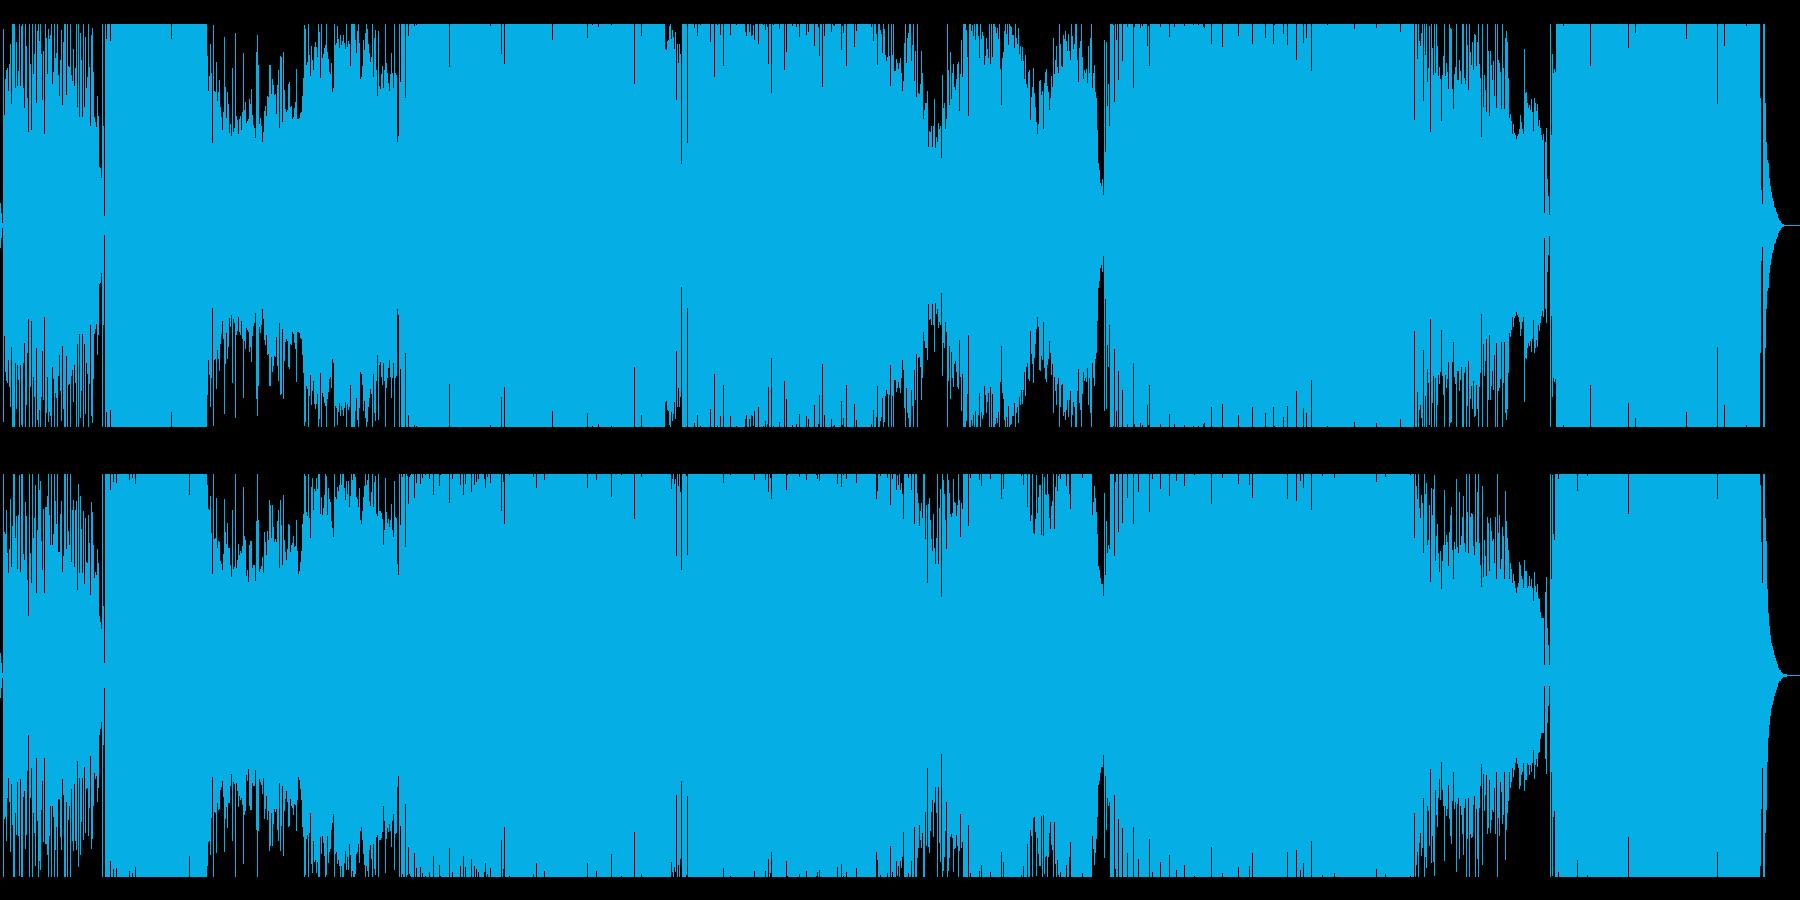 とにかくかわいいエレクトロポップ!の再生済みの波形